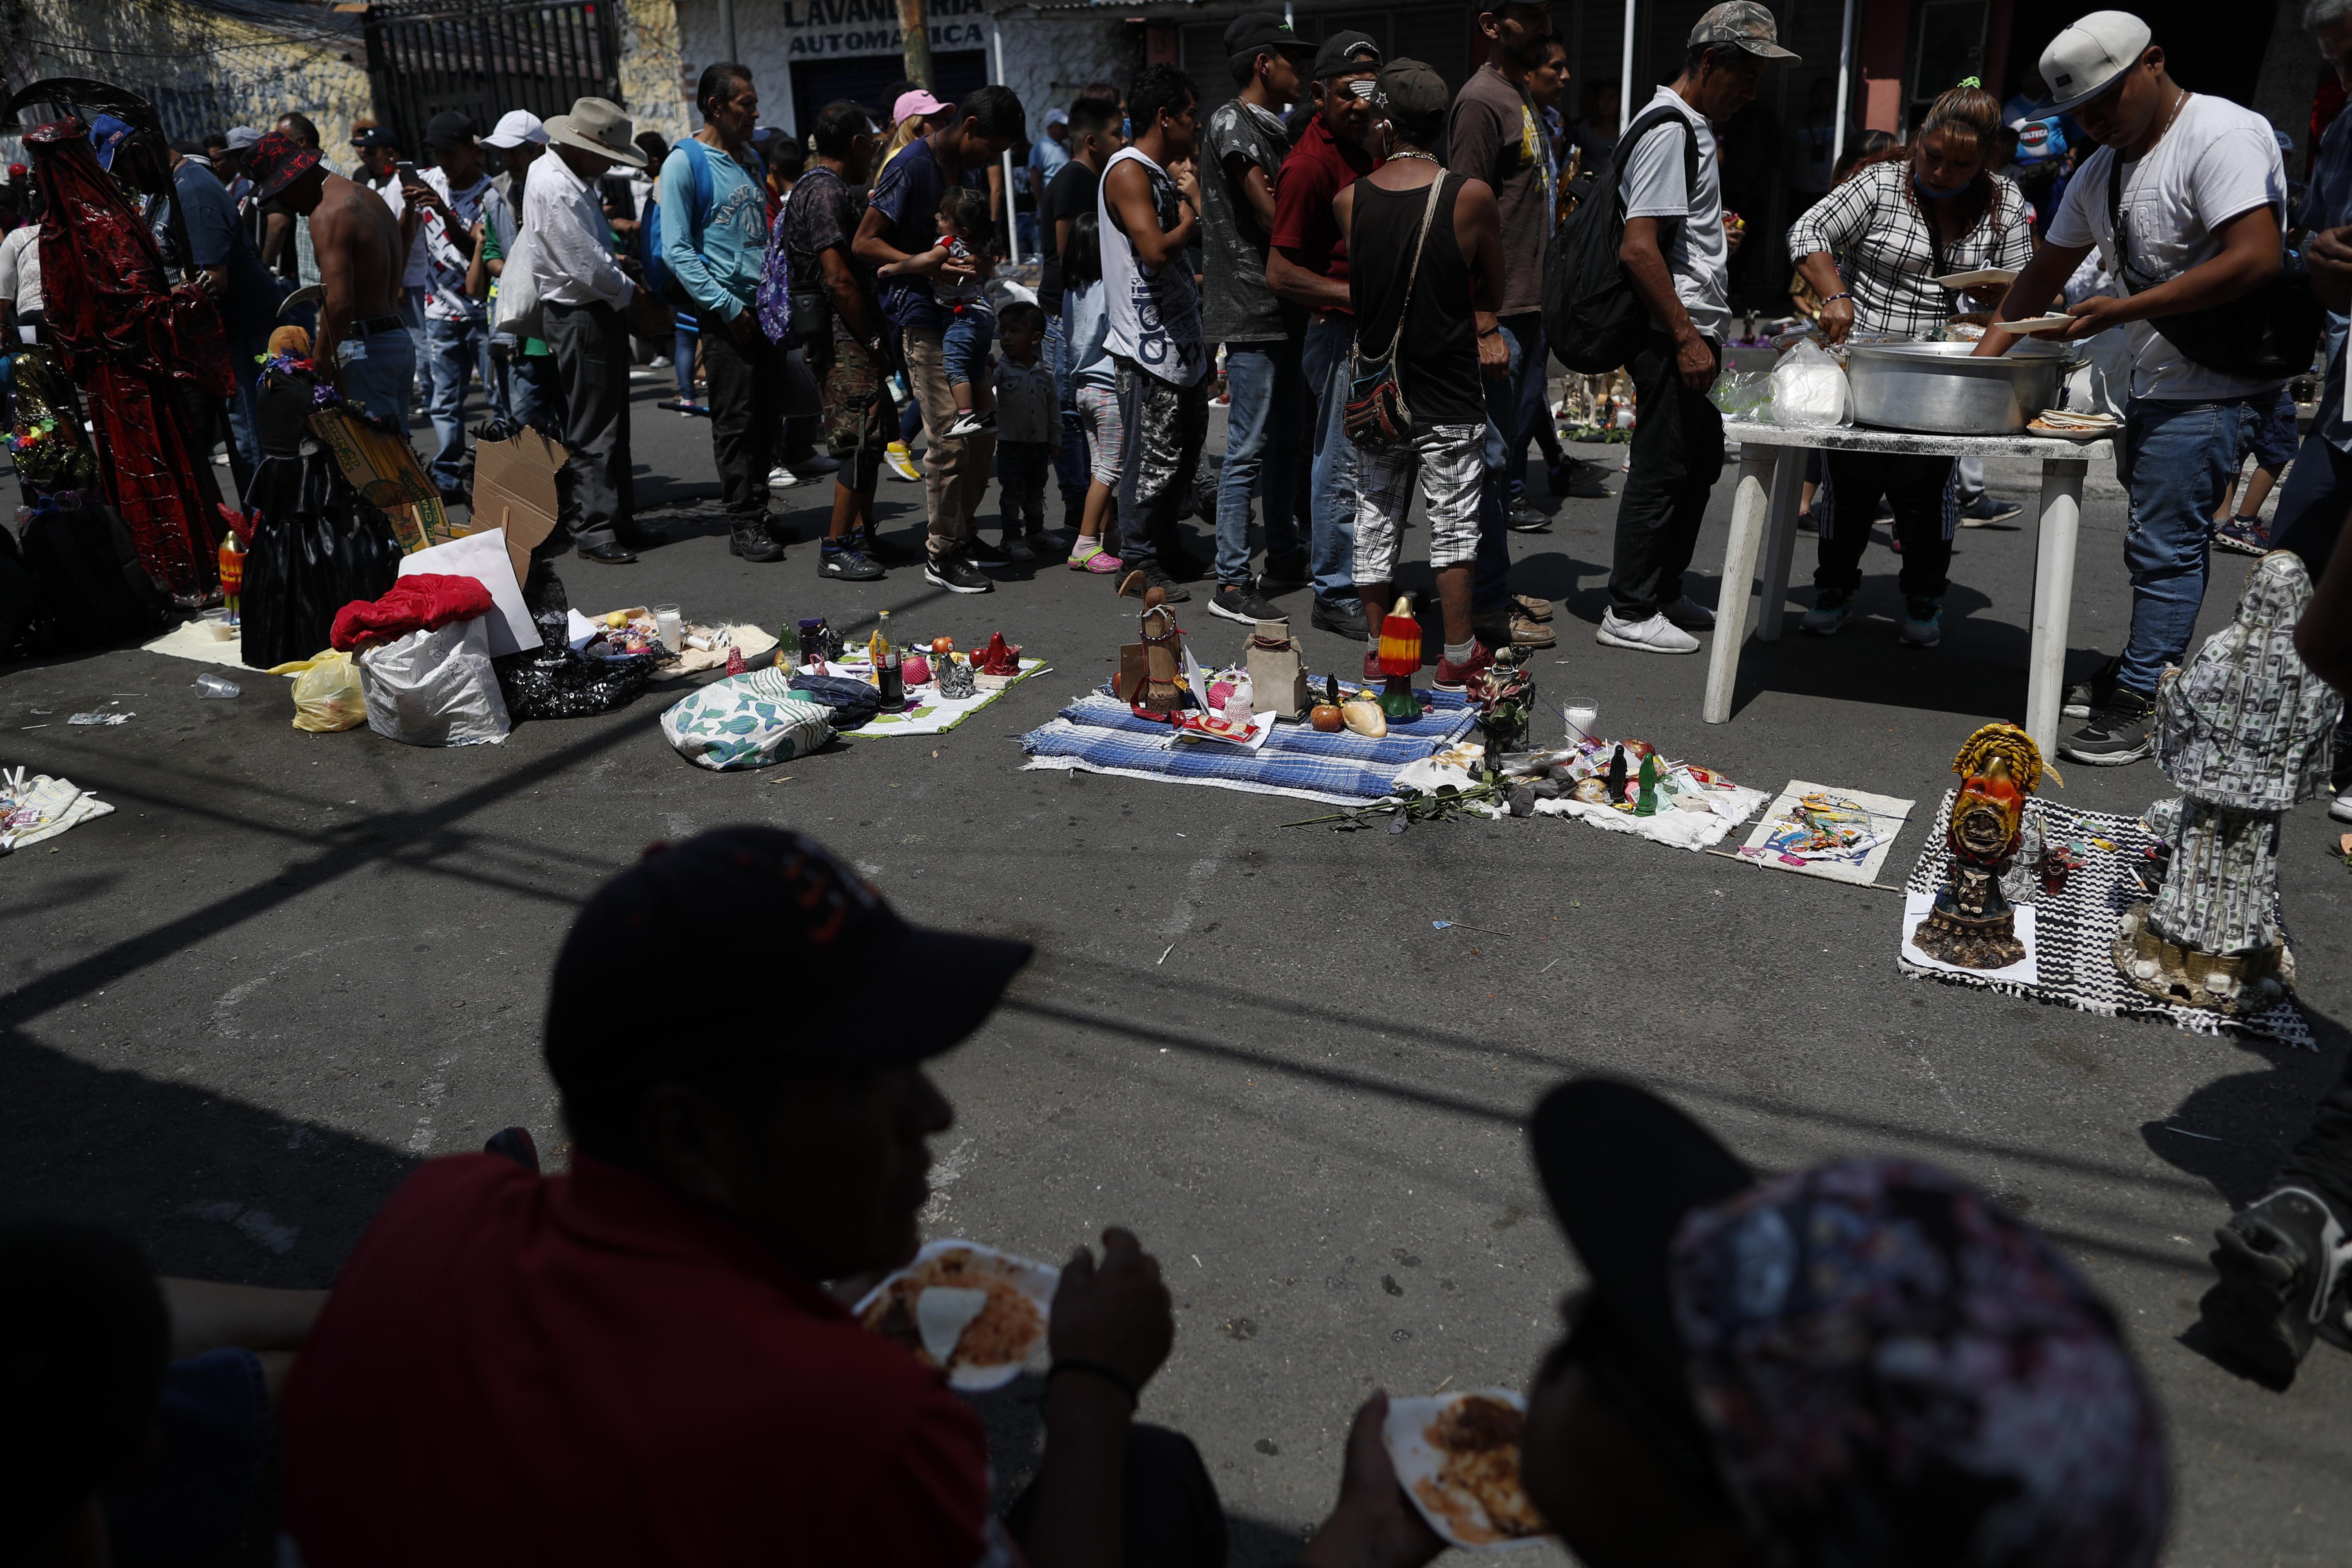 Los devotos de la Santa Muerte hacen cola para recibir un almuerzo donado, frente a un altar en el barrio de Tepito de la Ciudad de México, el lunes 1 de junio de 2020. (Foto: AP / Rebecca Blackwell)